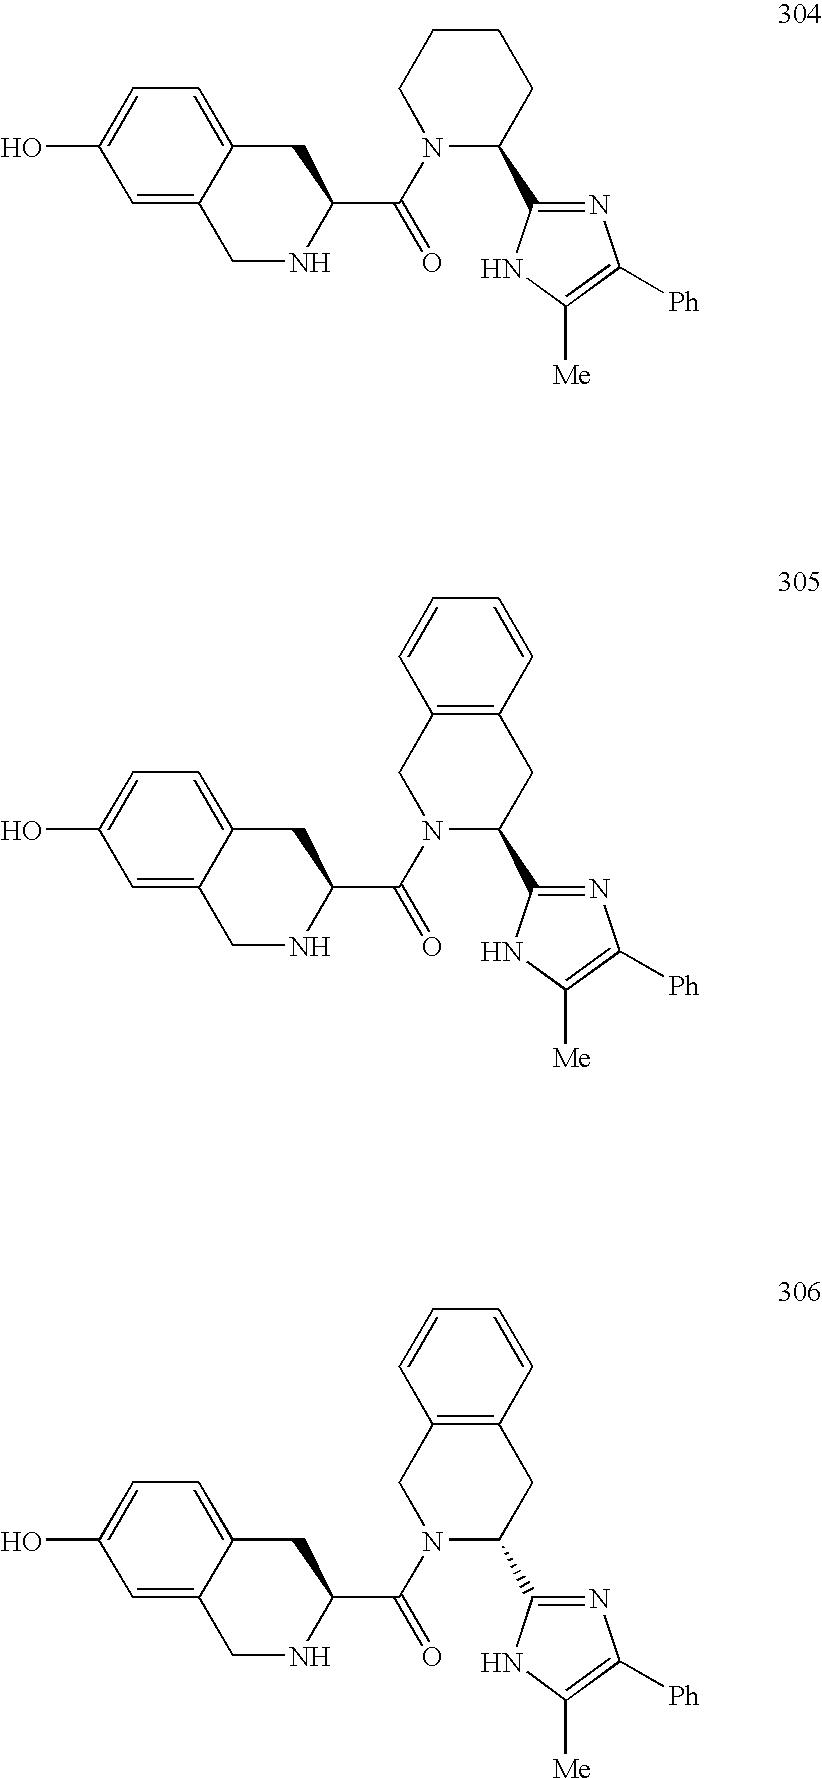 Figure US07659402-20100209-C00121